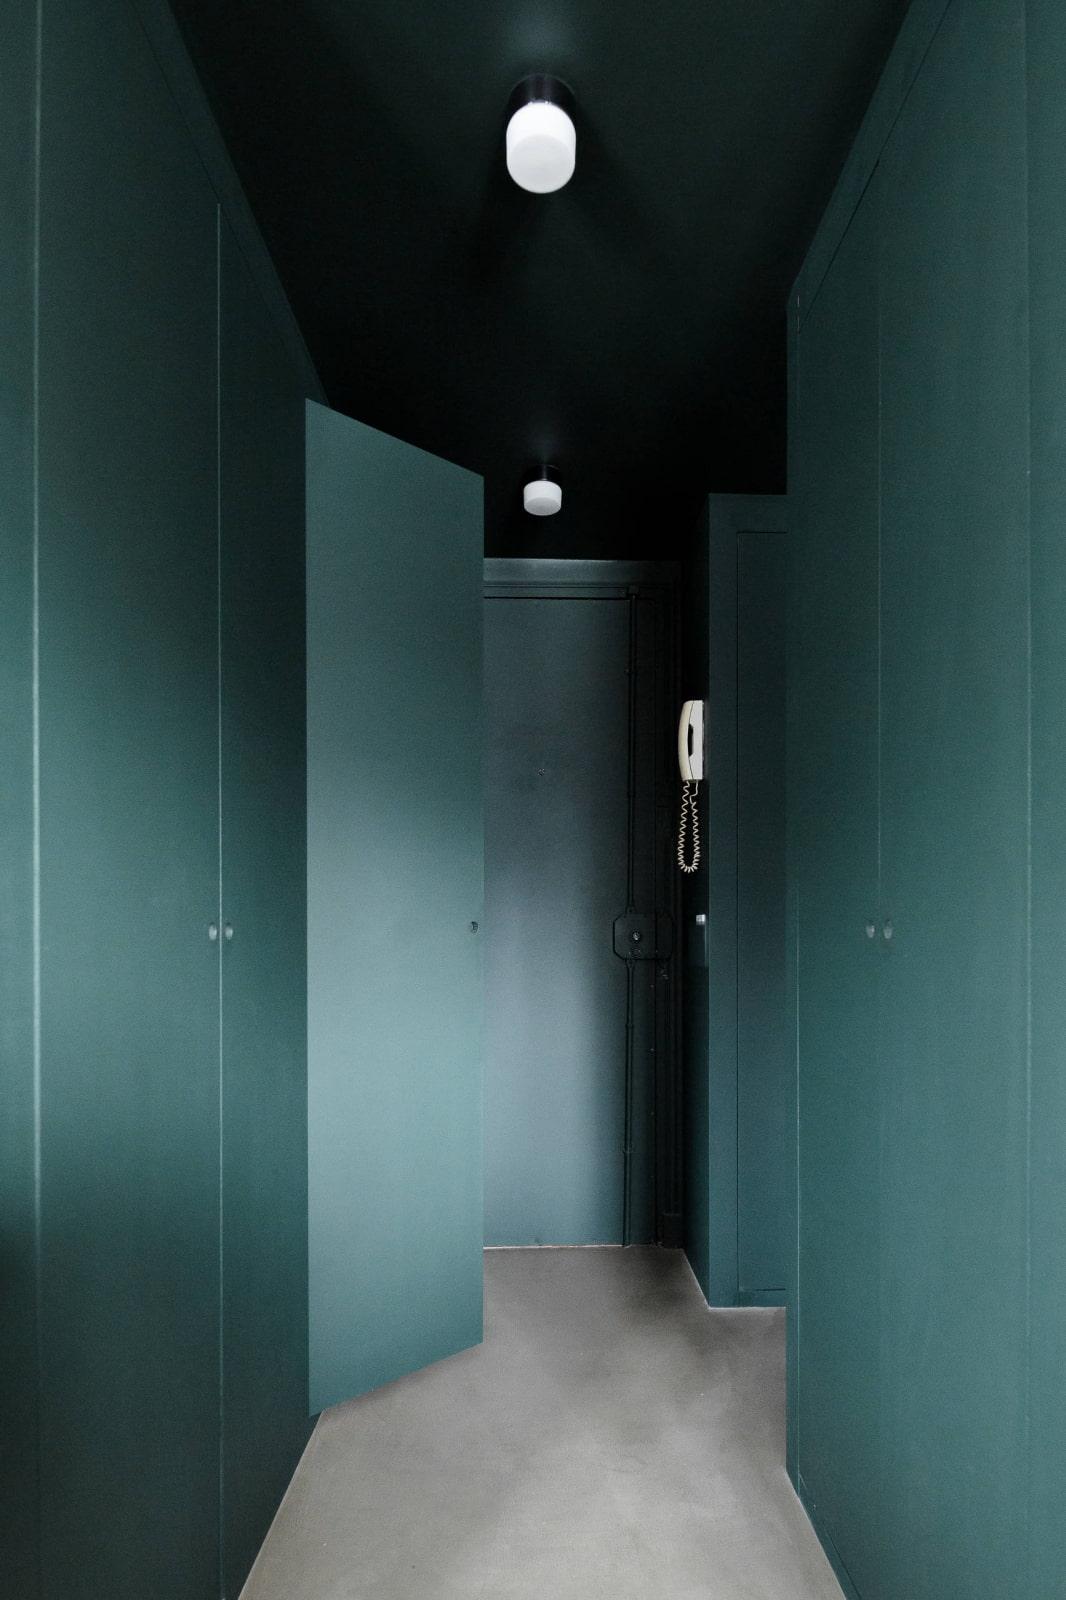 ilaria fatone - un couloir en vert foncé